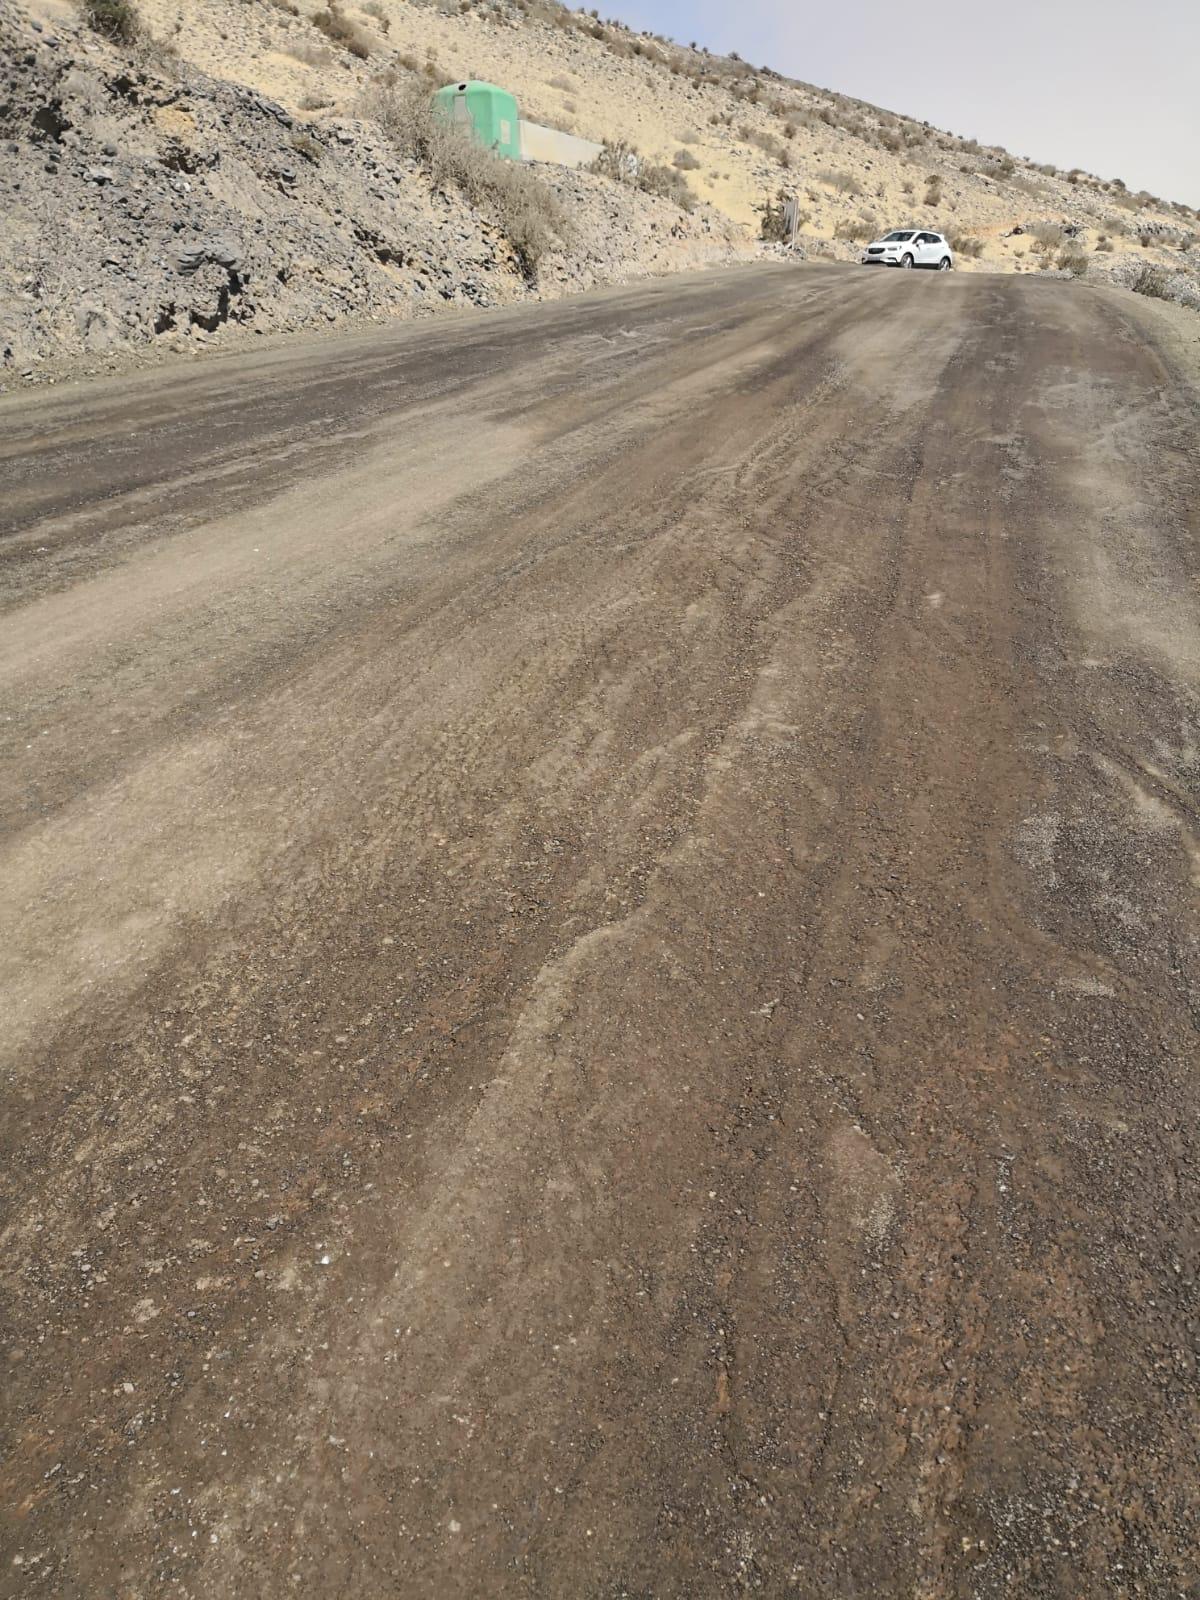 El Ayuntamiento de Pájara lleva a cabo el mantenimiento y recebe de la carretera de acceso a la urbanización Playa Paraíso